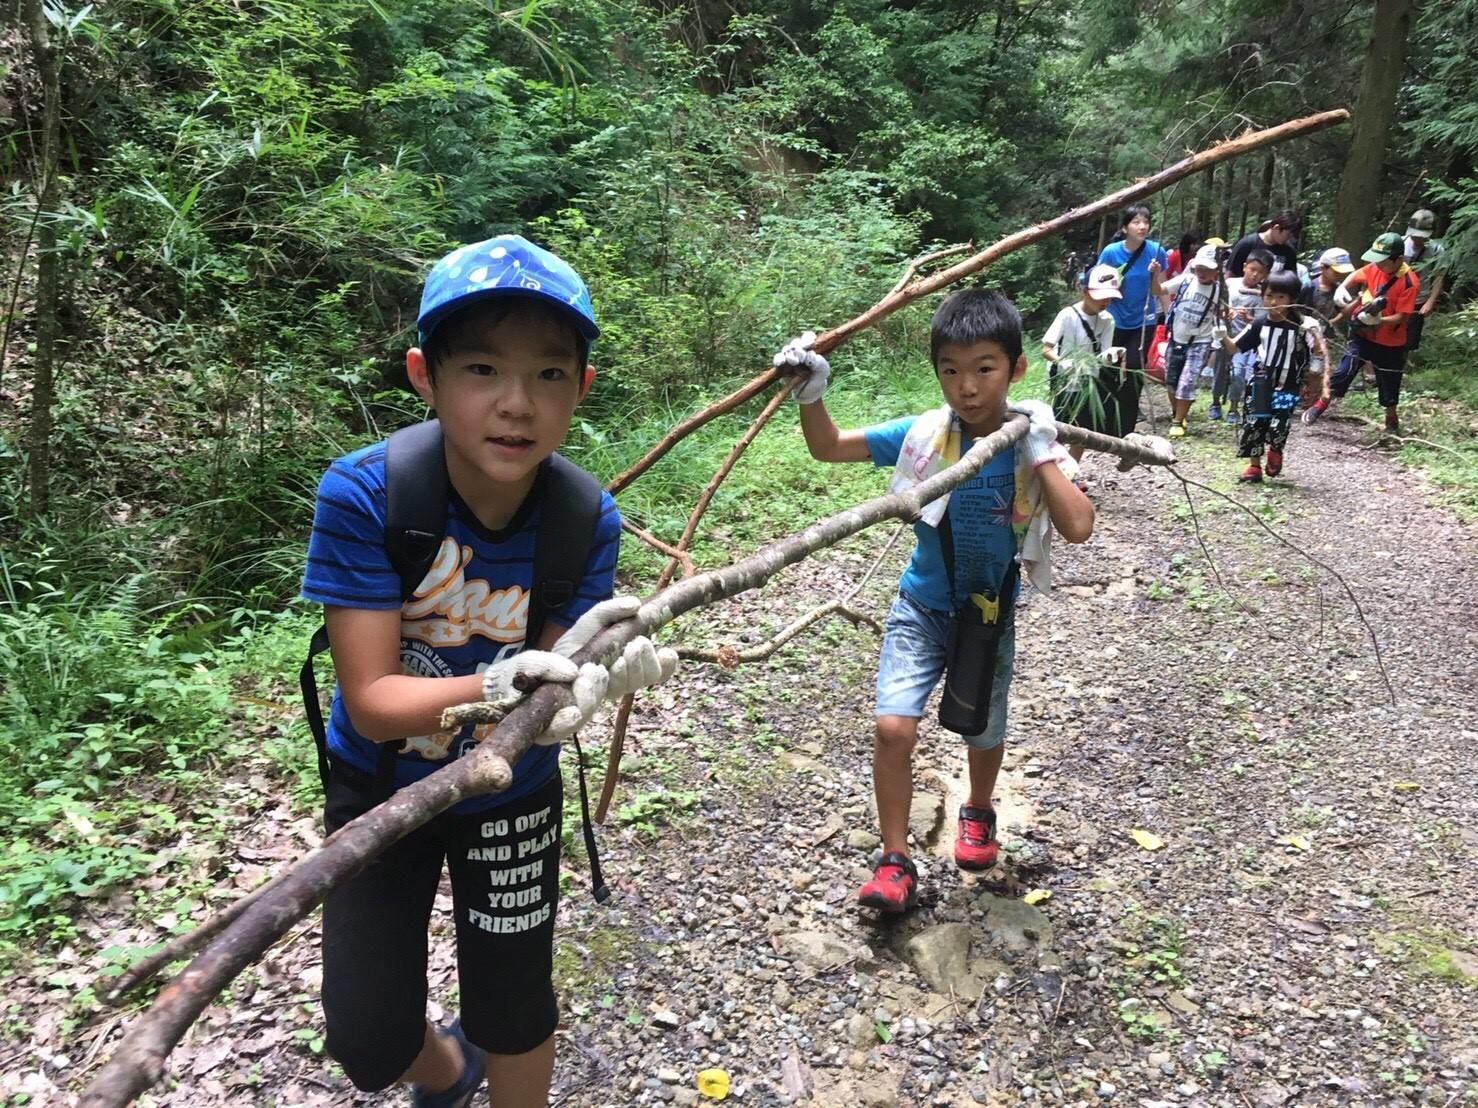 【4/3-5・2泊3日】秘密基地キャンプ @ 加古川市立少年自然の家